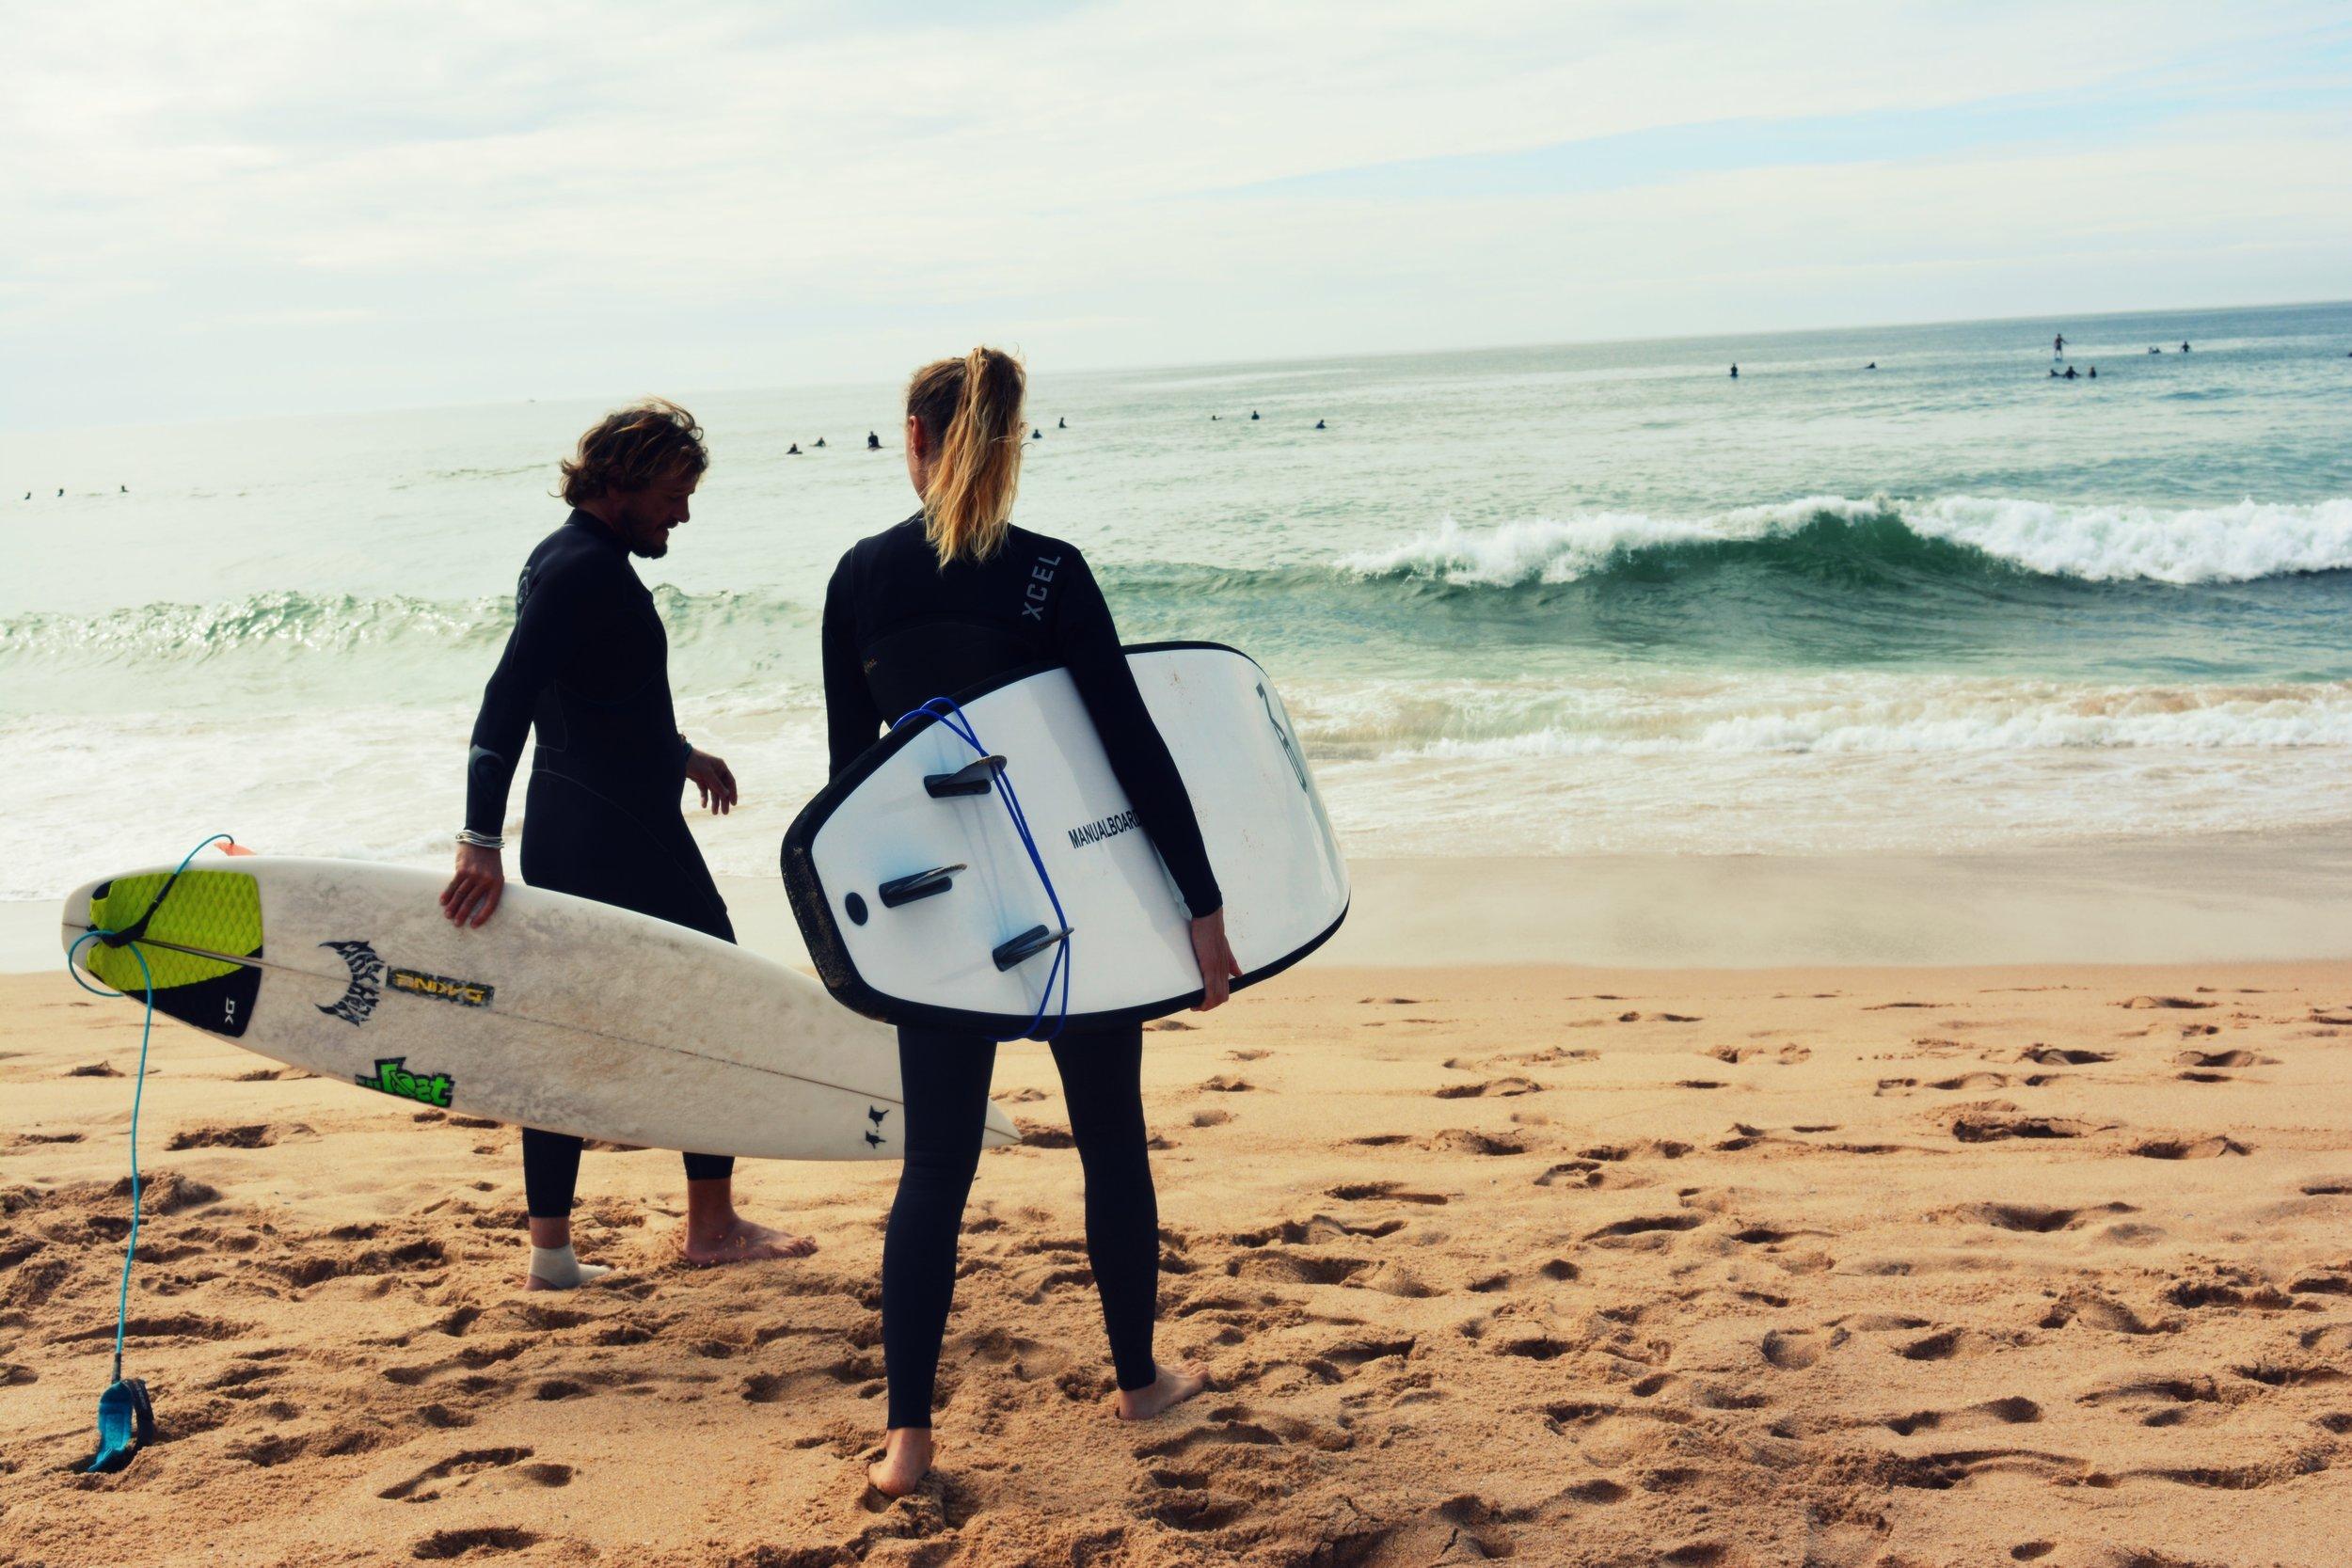 action-beach-fun-1053536.jpg